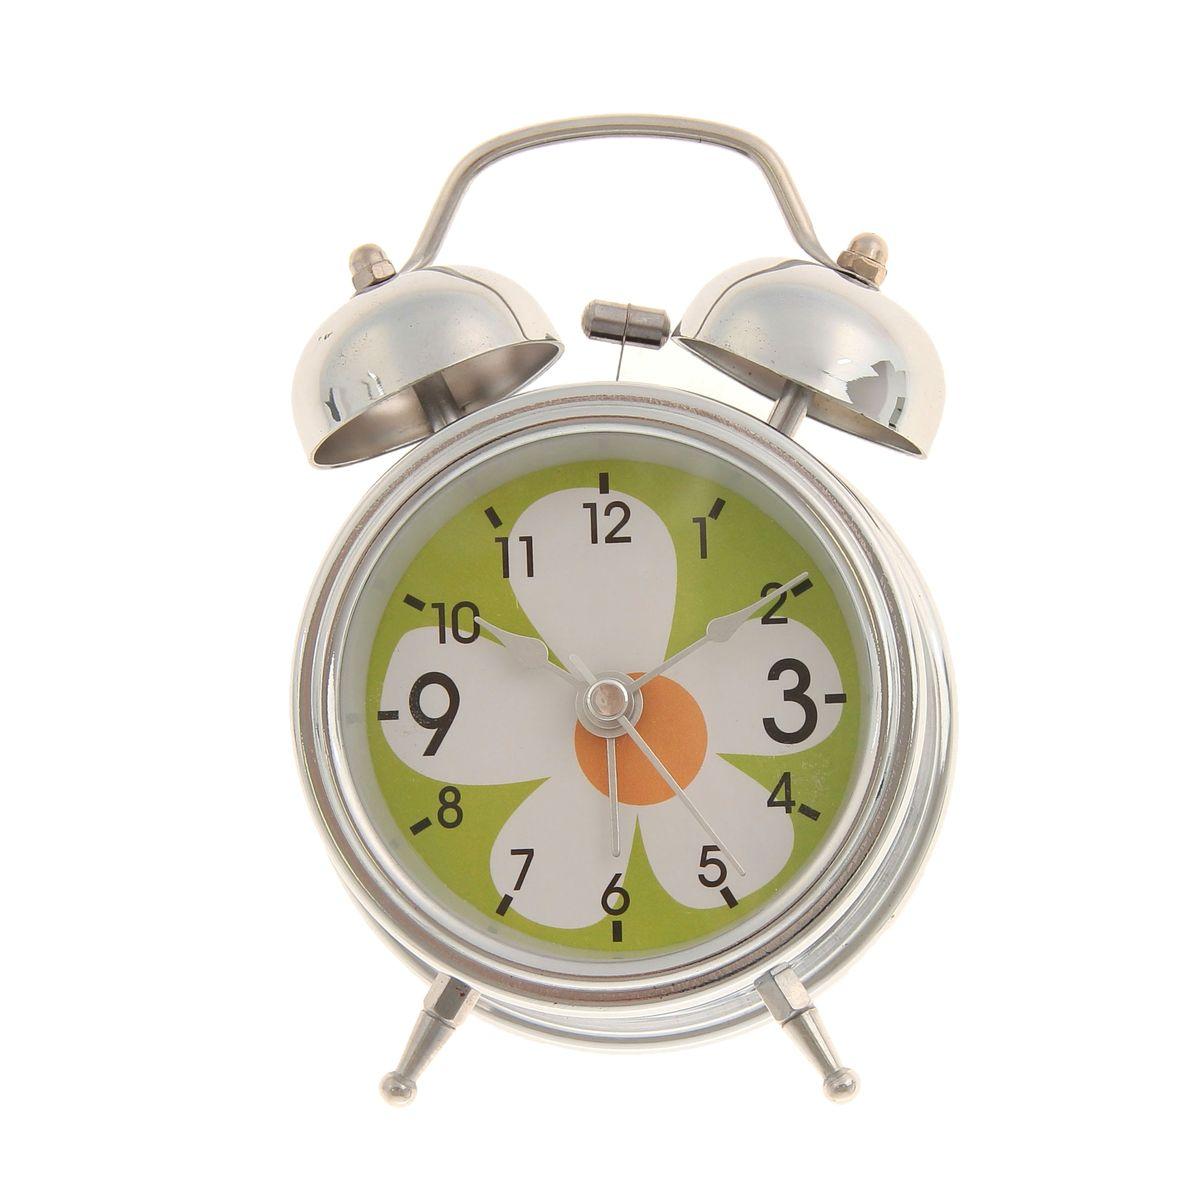 Часы-будильник Sima-land. 669596669596Как же сложно иногда вставать вовремя! Всегда так хочется поспать еще хотябы 5 минут ибывает,что мы просыпаем. Теперь этого не случится! Яркий, оригинальный будильникSima-land поможет вам всегдавставать в нужное время и успевать везде и всюду. Время показывает точно ибудит в установленный час. Будильник украсит вашу комнату и приведет ввосхищение друзей.На задней панели будильника расположеныпереключатель включения/выключения механизма и два колесика для настройки текущего времени и времени звонка будильника. Также будильник оснащен кнопкой, при нажатии и удержании которой, подсвечивается циферблат. Будильник работает от 1 батарейки типа AA напряжением 1,5V (не входит вкомплект).